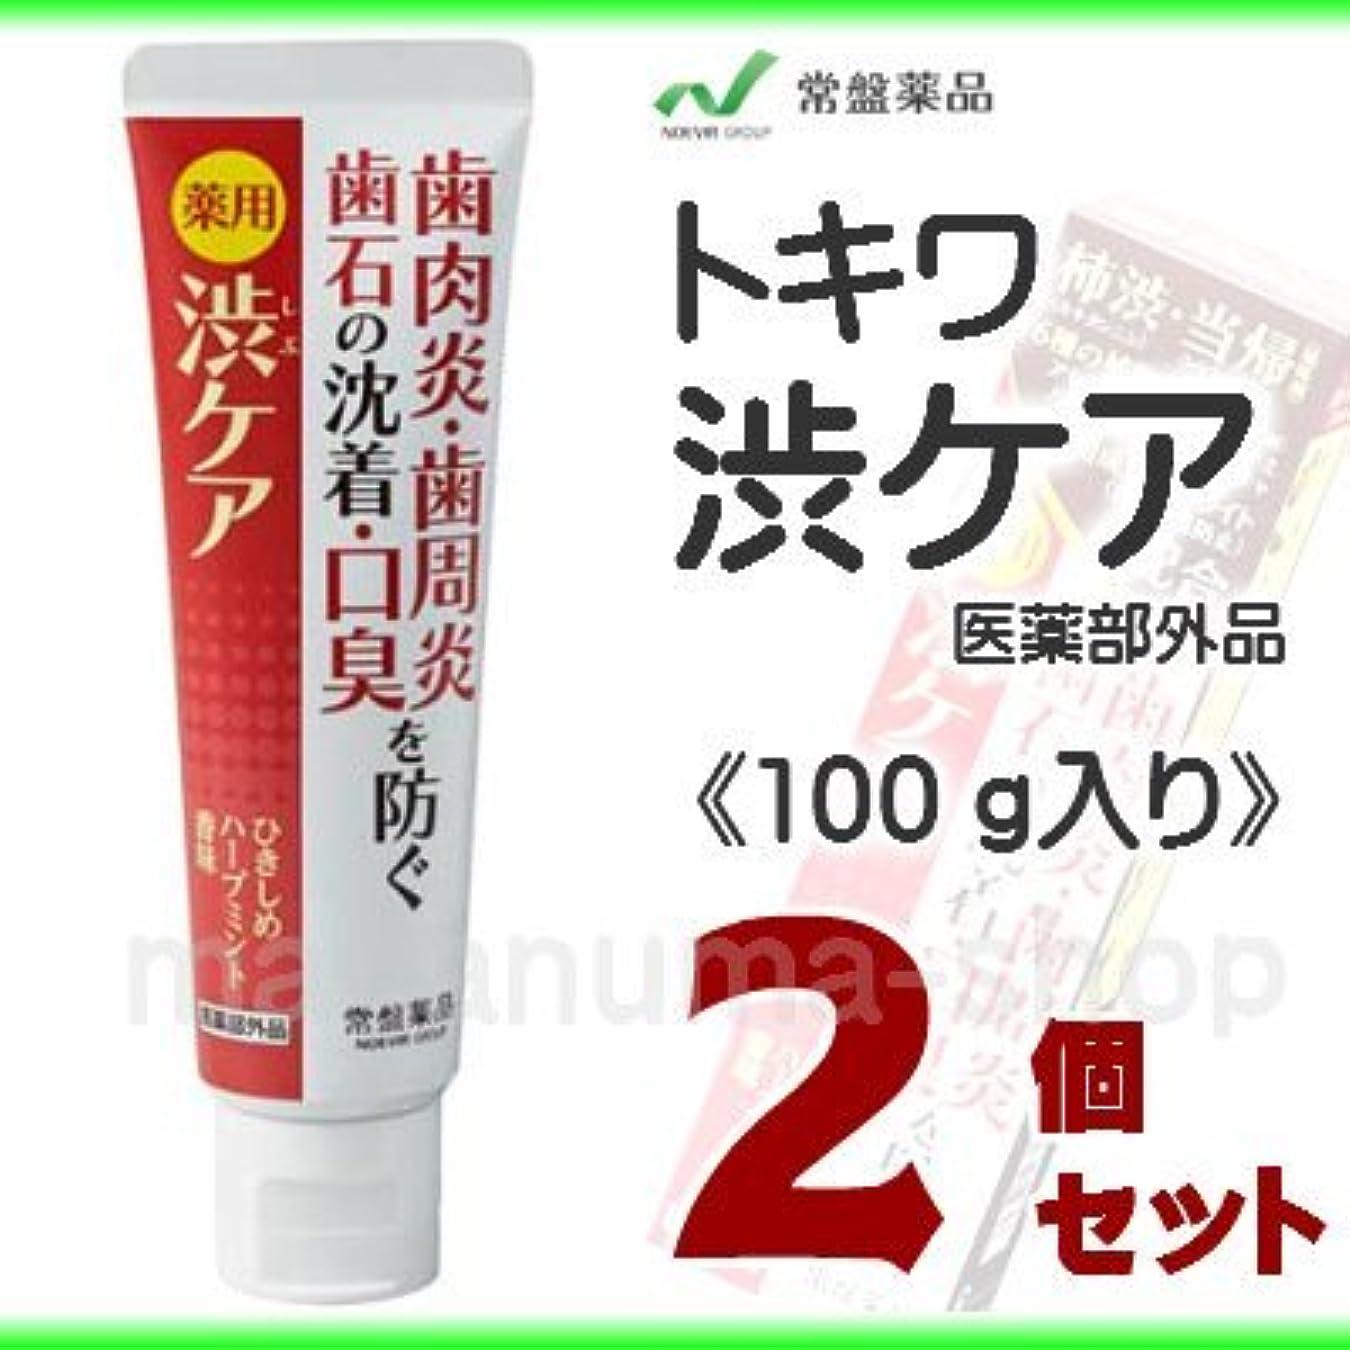 記憶に残るお風呂を持っている艶トキワ 薬用渋ケア (100g) 2個セット